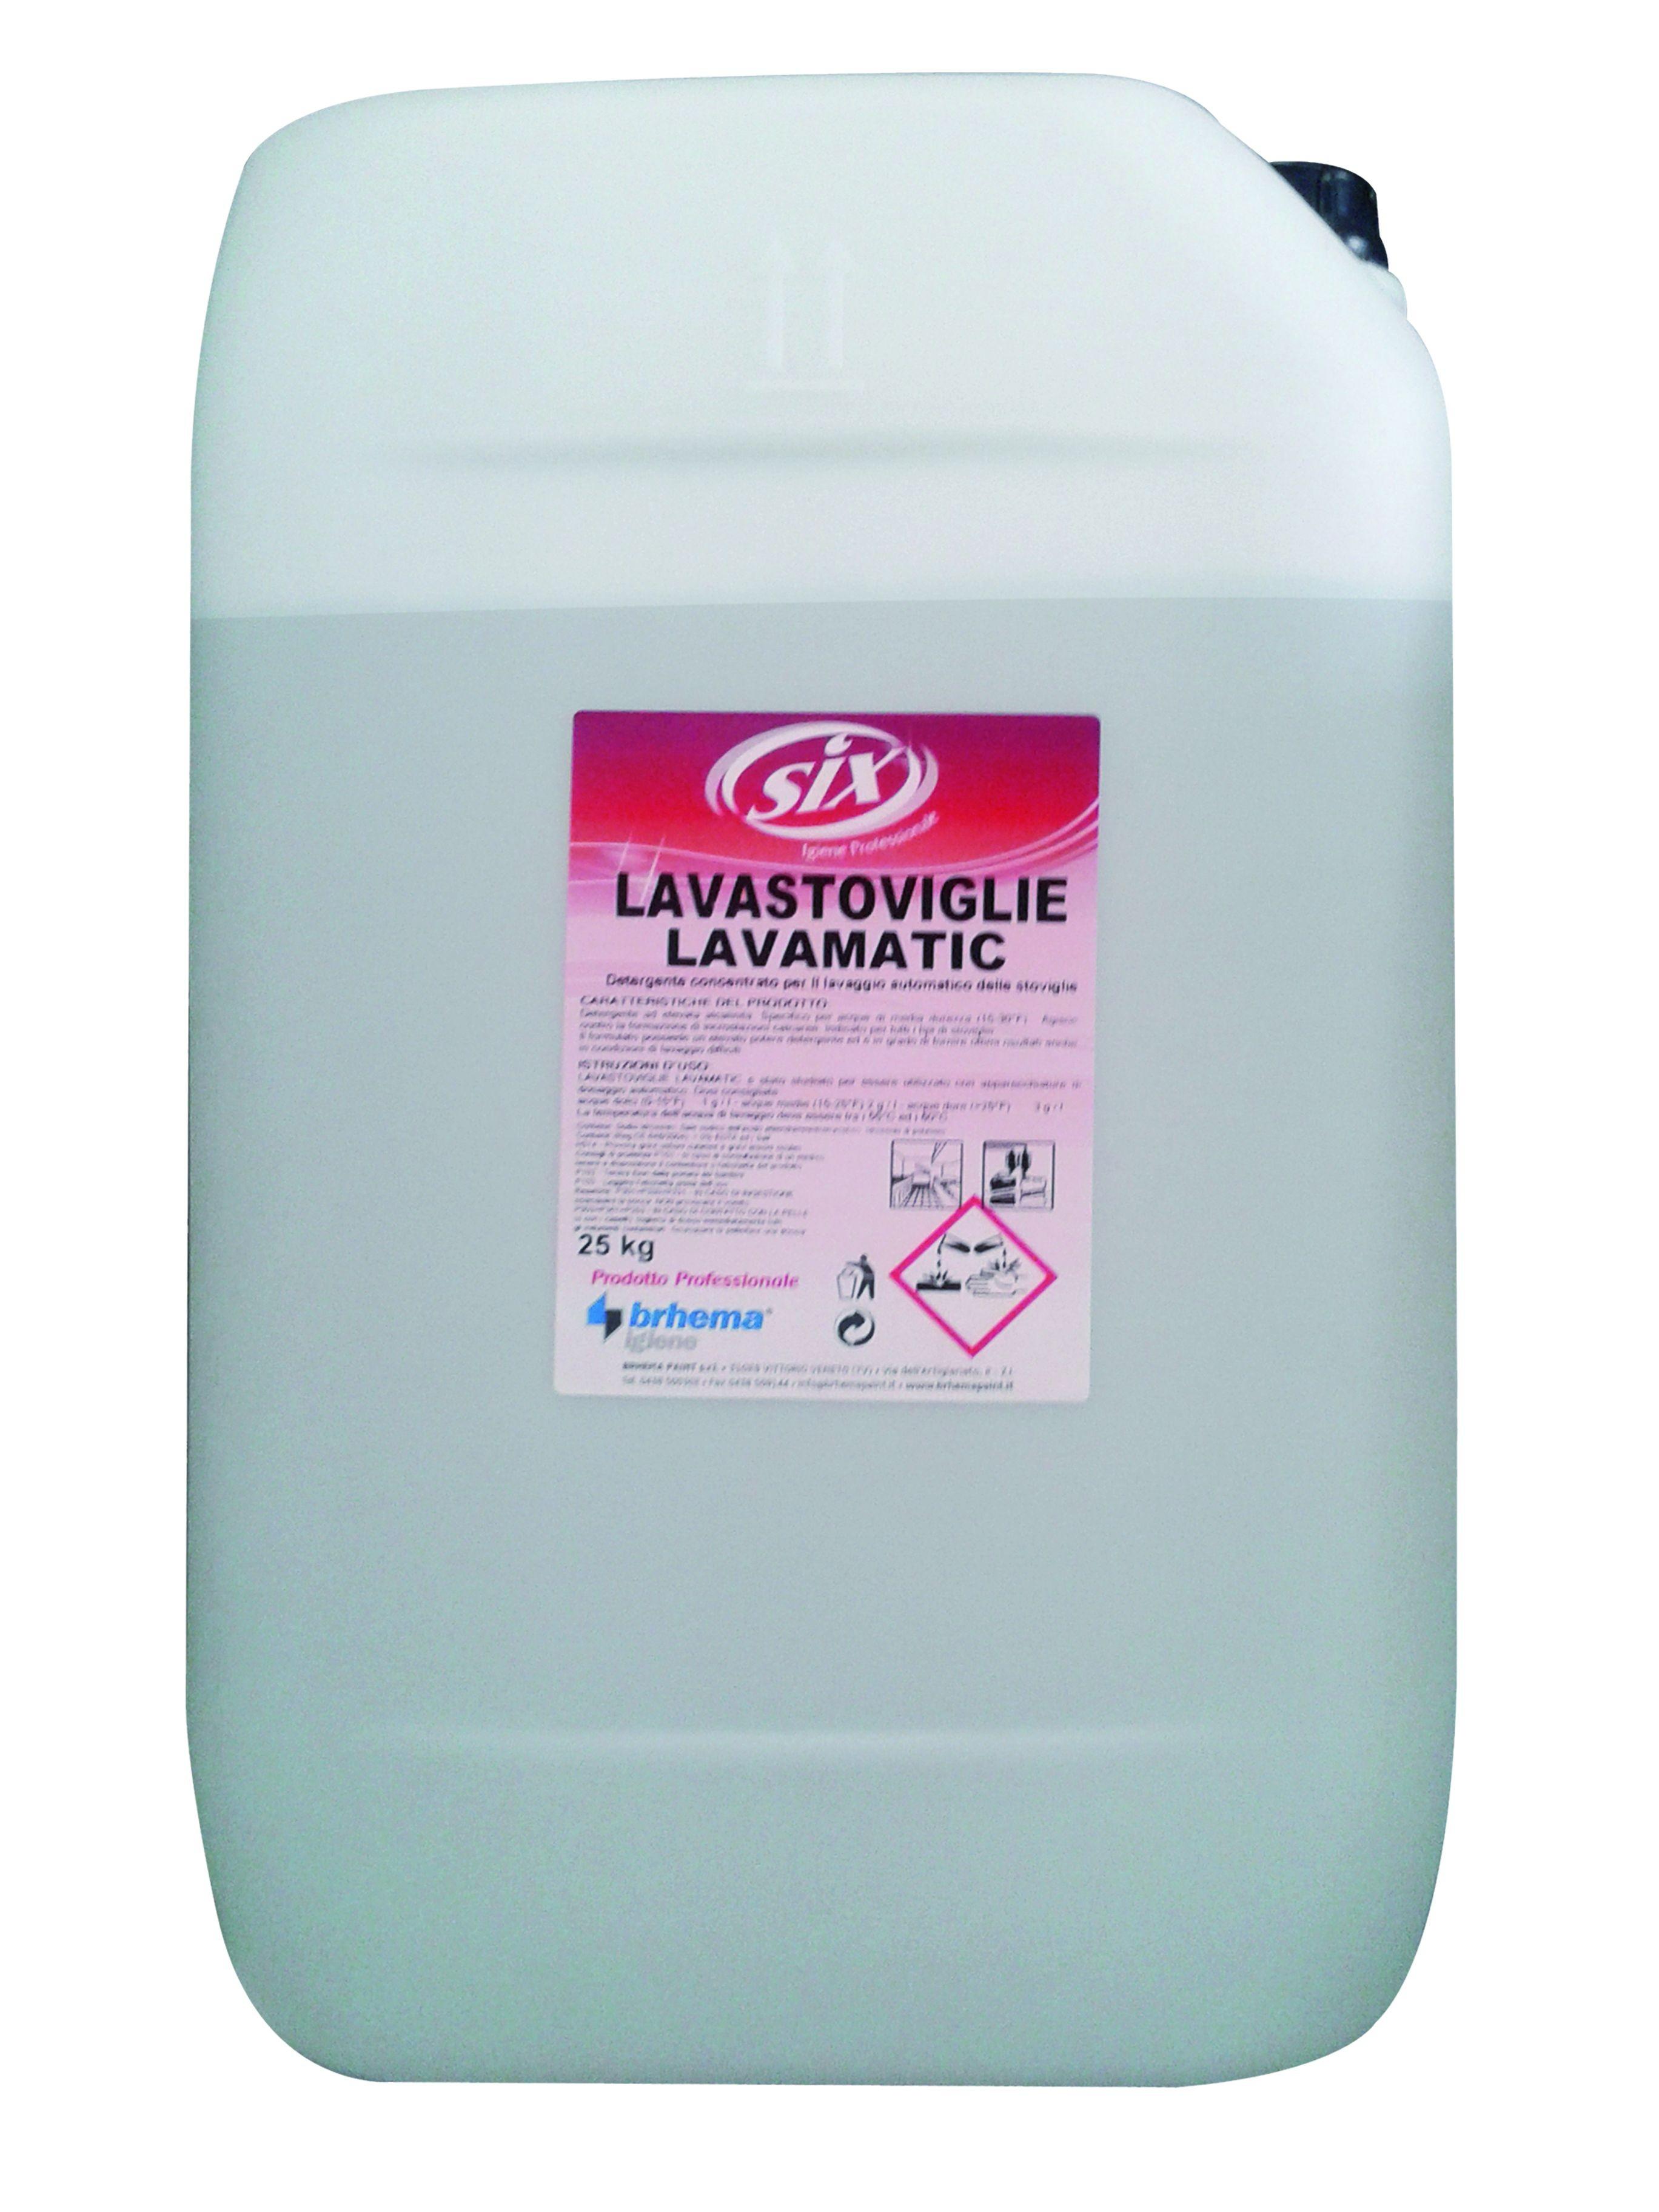 LAVASTOVIGLIE LAVAMATIC SIX KG.25